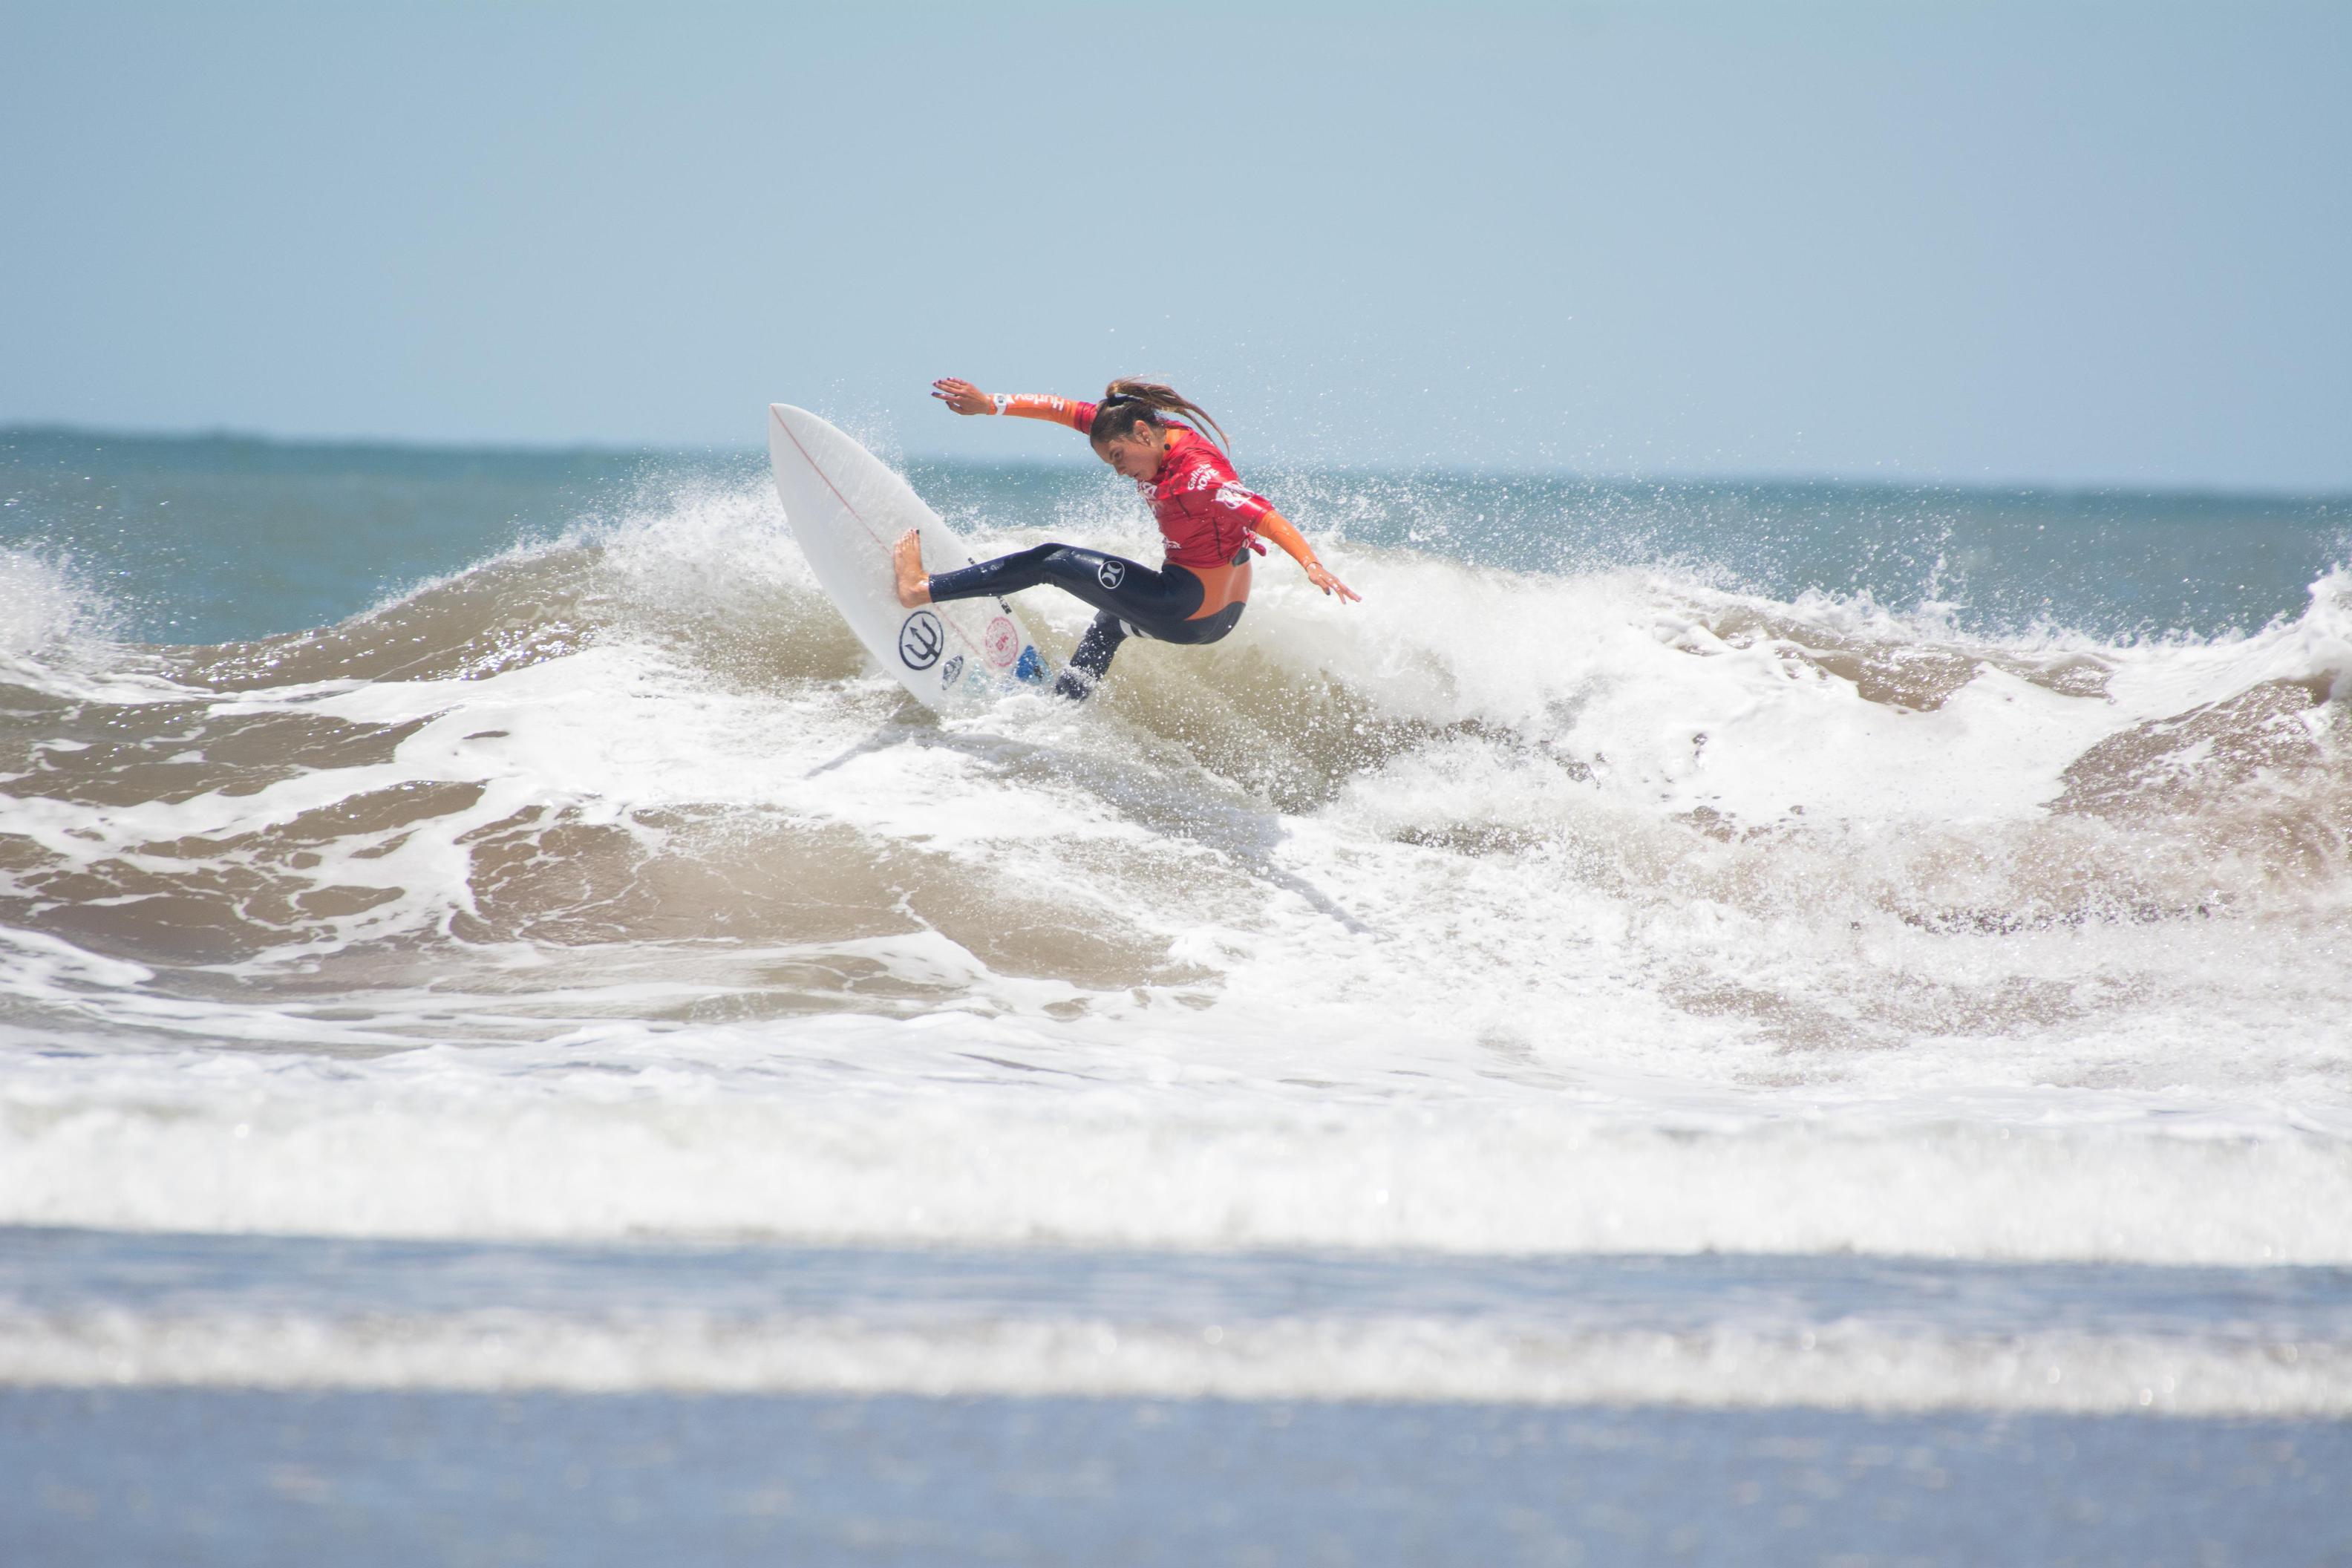 Fundó los Cadillacs, se fue a vivir a la costa y los hijos le salieron surfistas profesionales